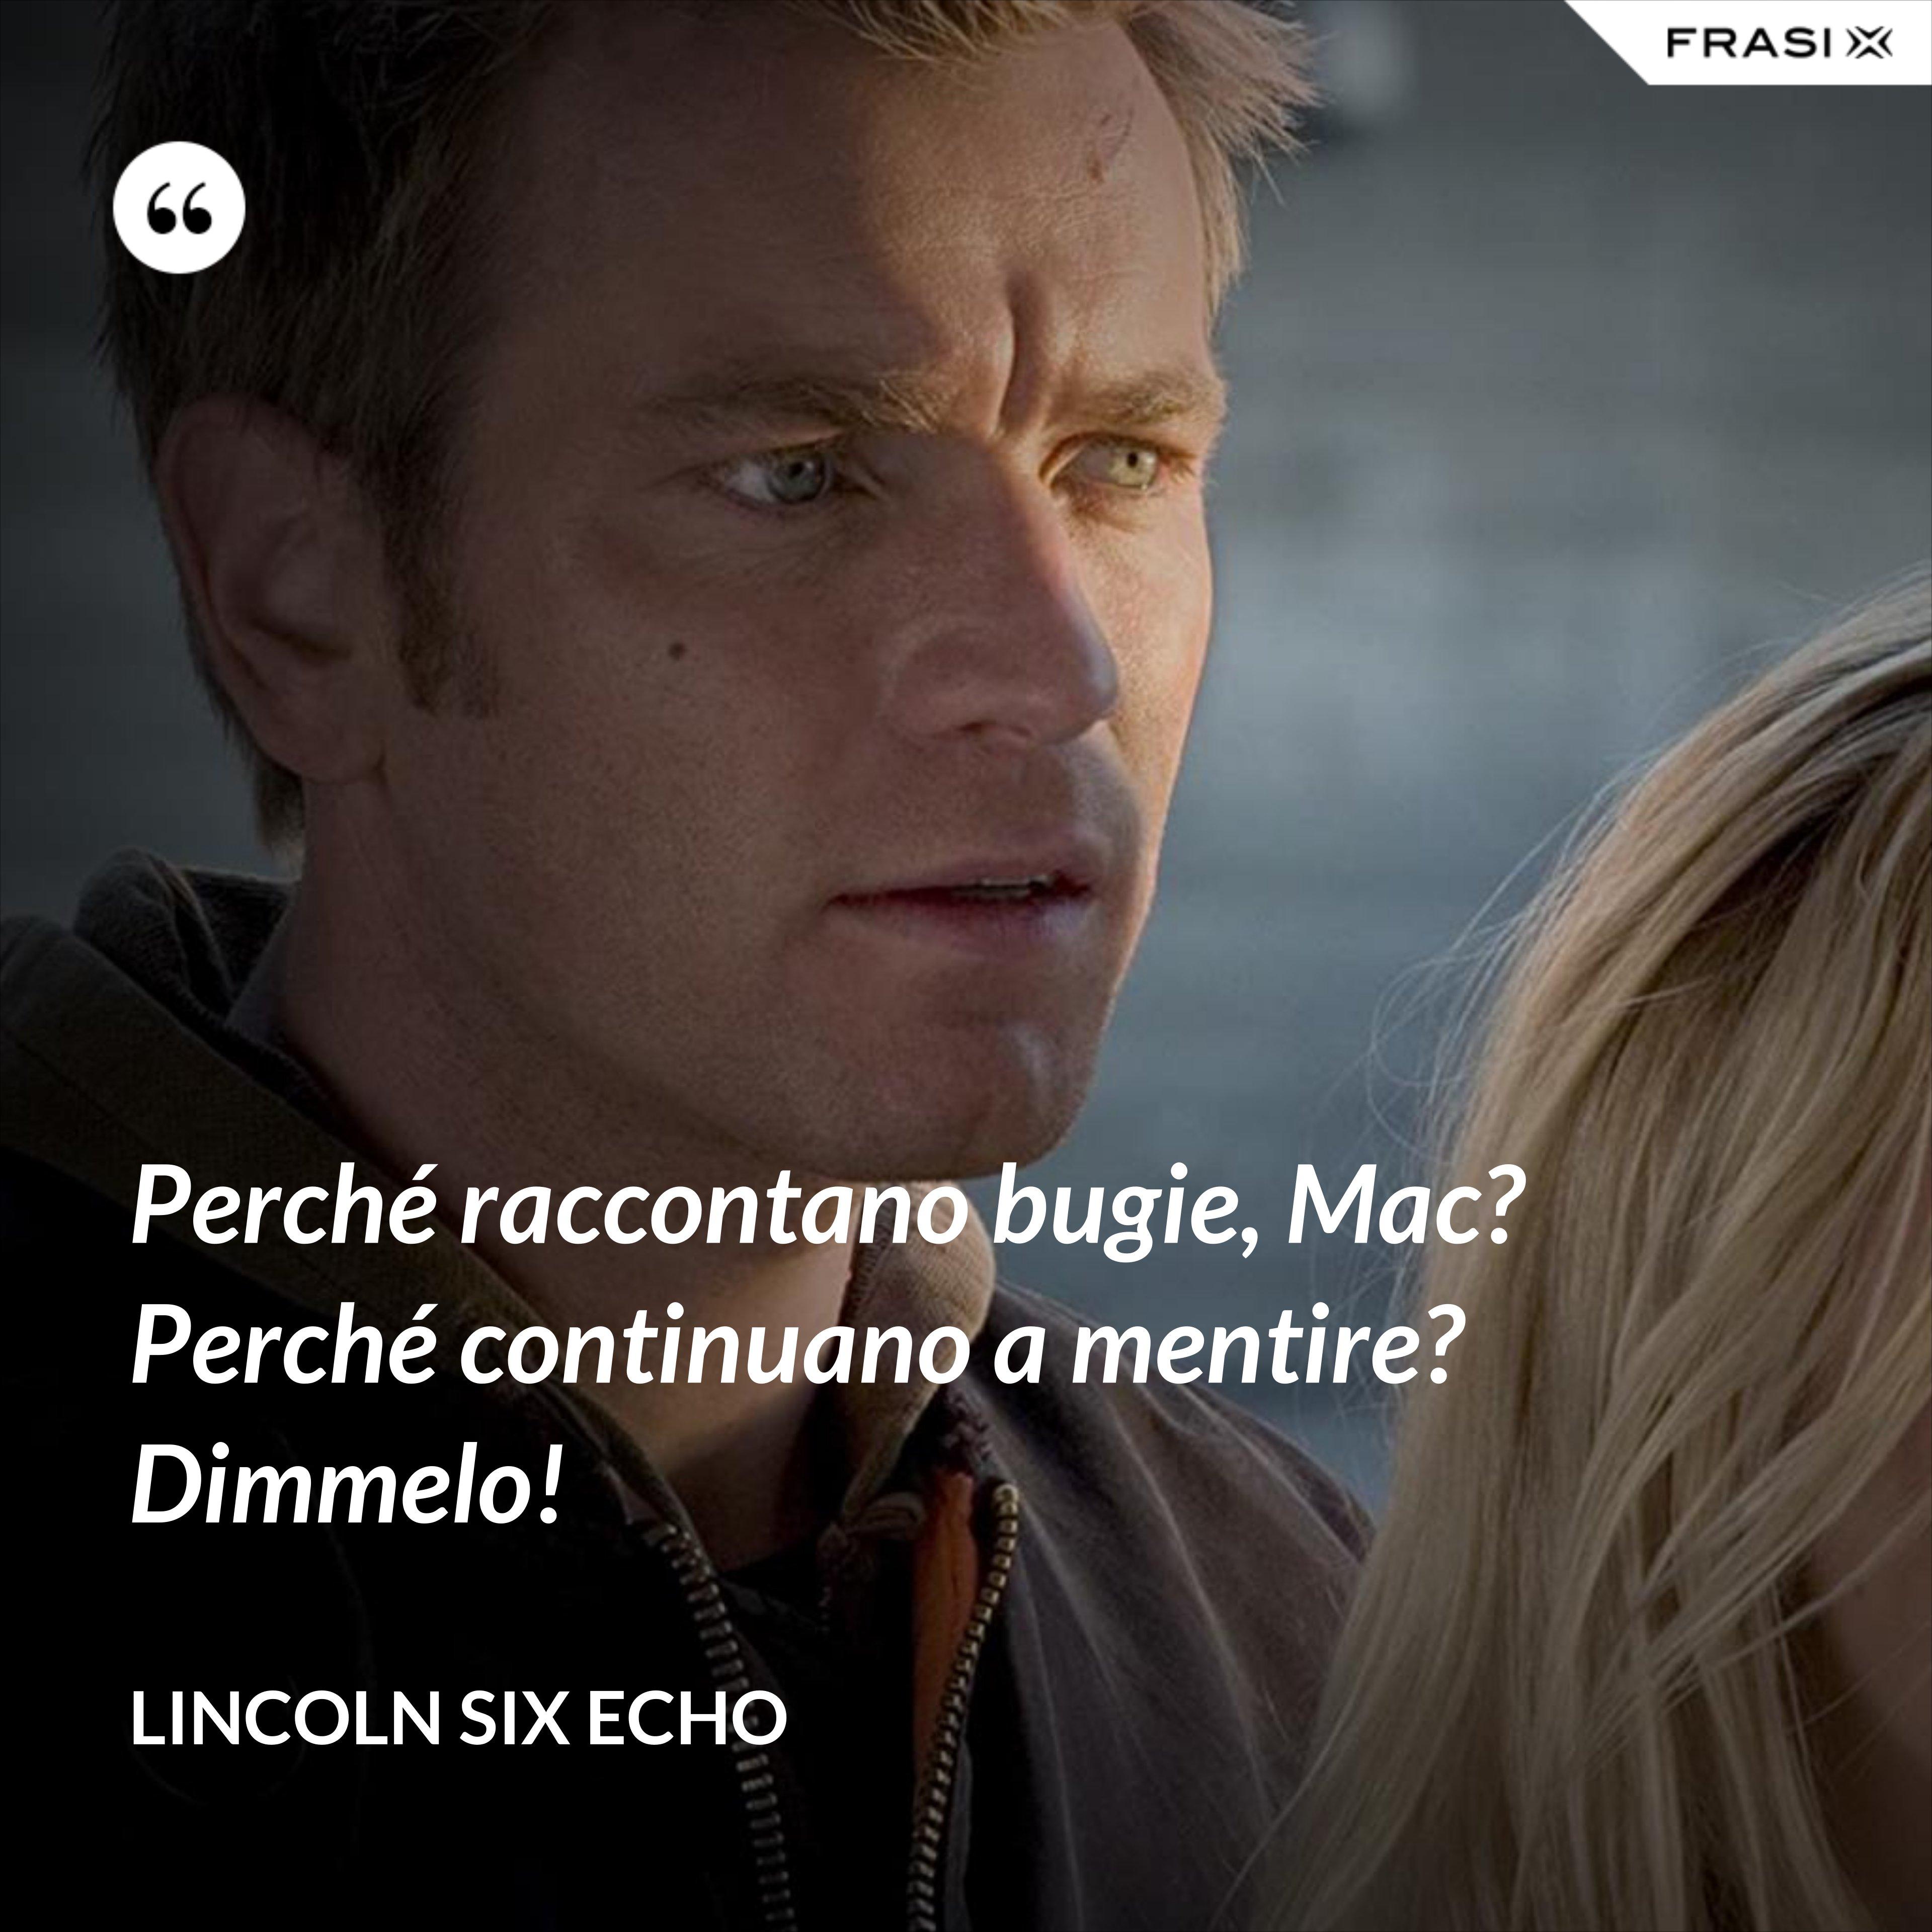 Perché raccontano bugie, Mac? Perché continuano a mentire? Dimmelo! - Lincoln Six Echo